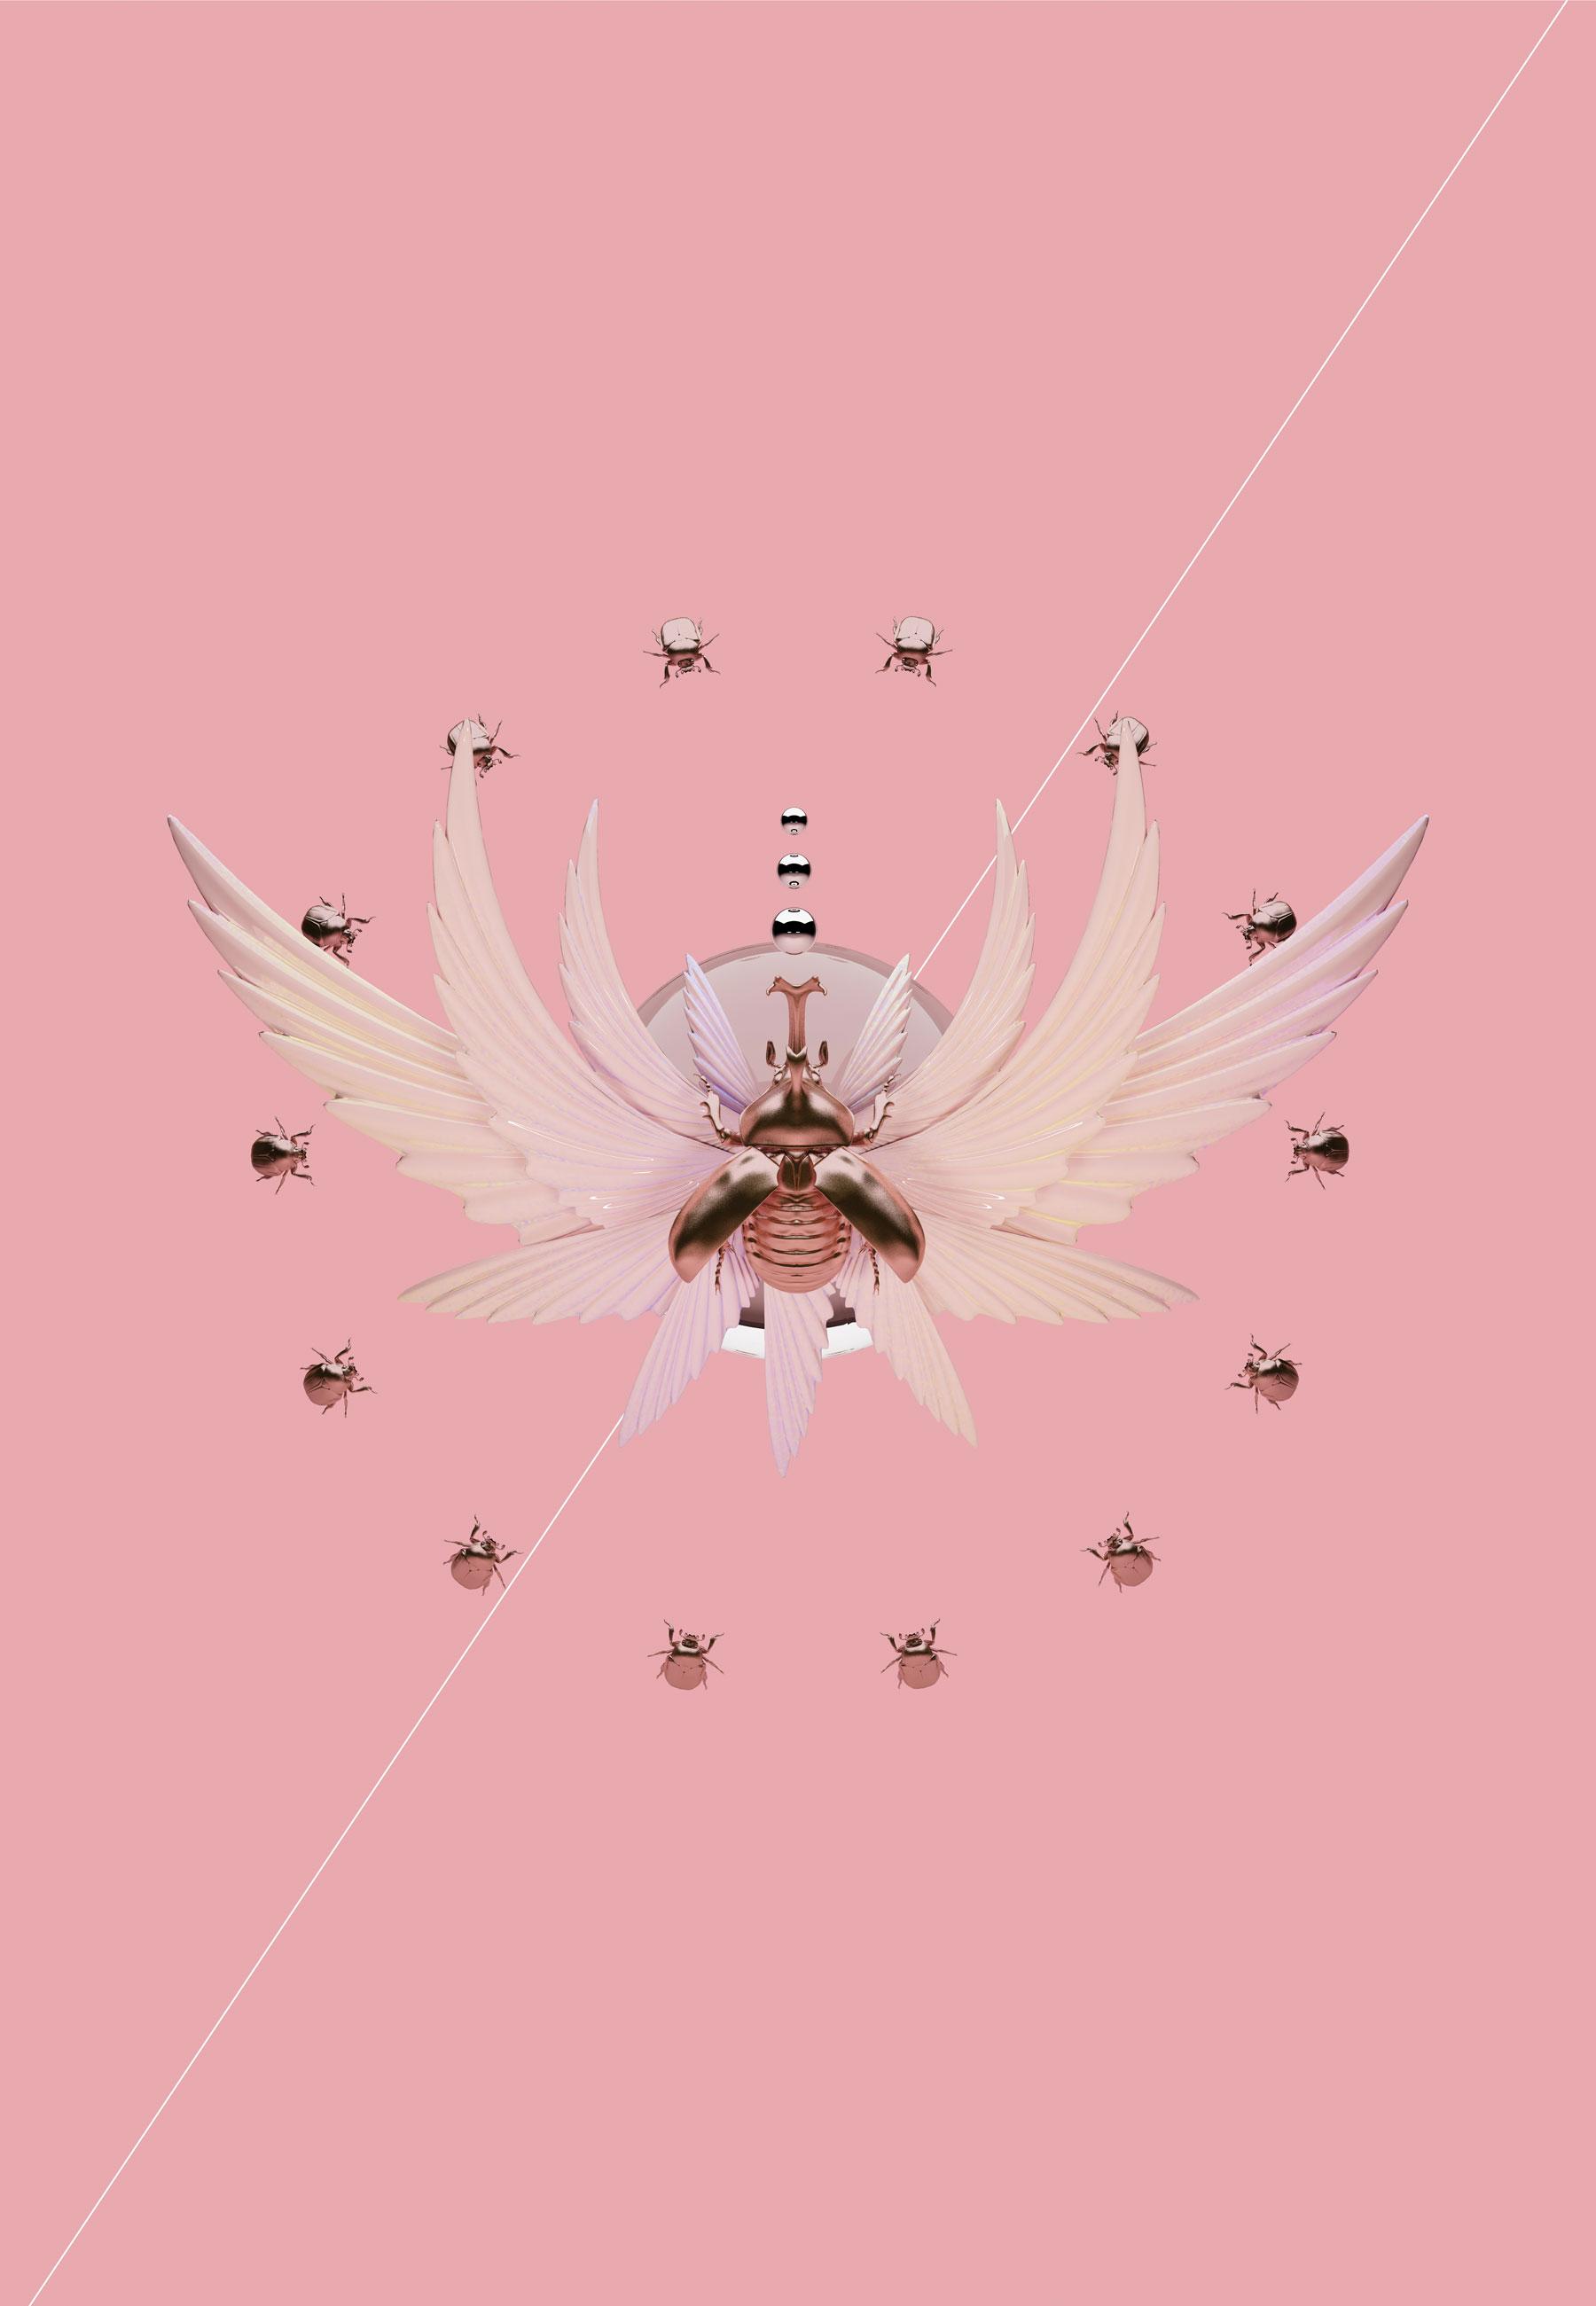 Alfie-Robles---King-Beetle-with-Servants.jpg